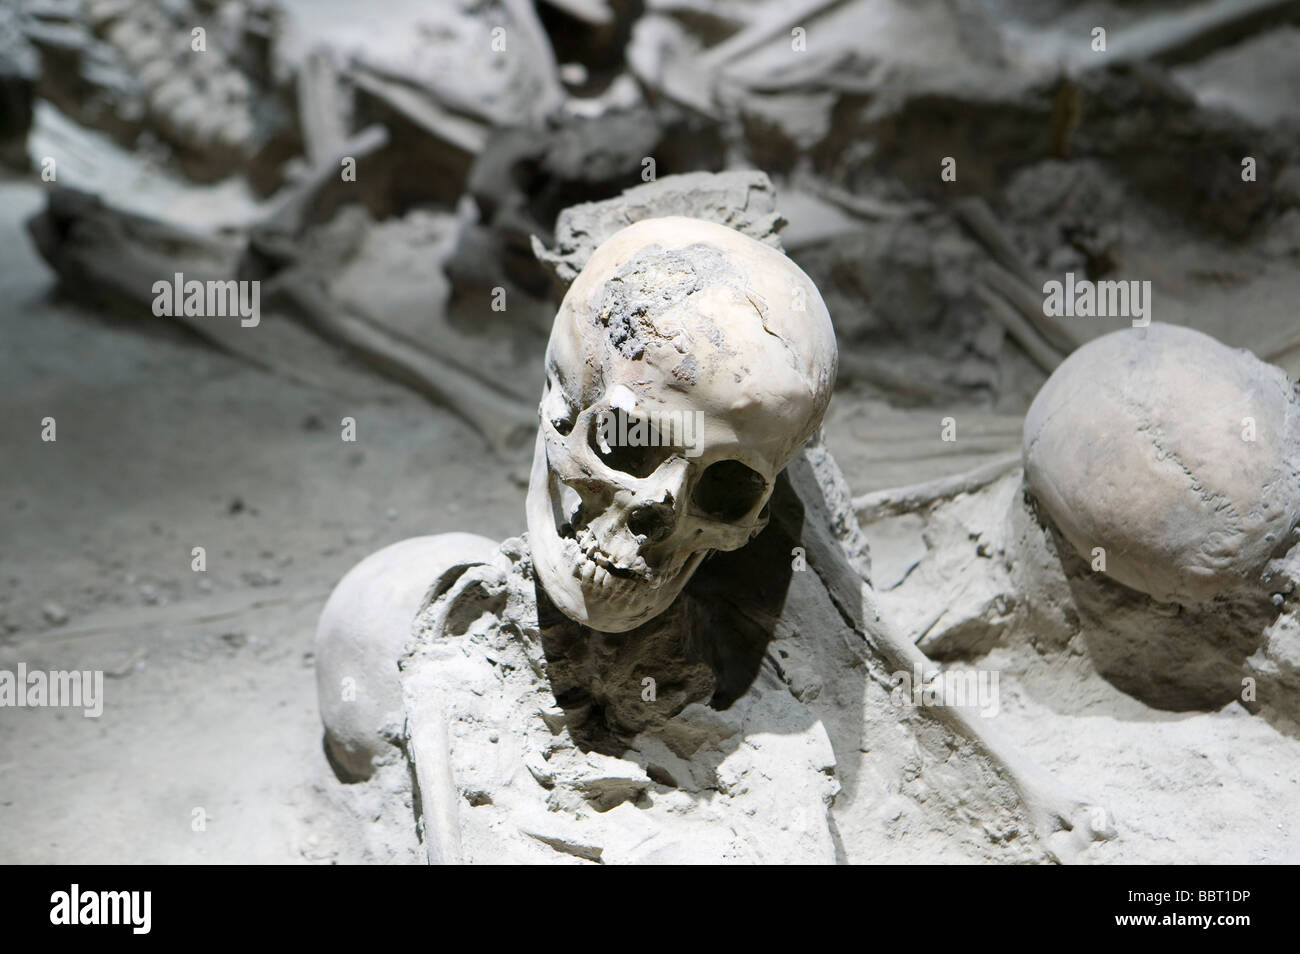 Esqueleto Humano víctima Herculano Vesubio Naples Italia museo recreación representación atracttion Imagen De Stock